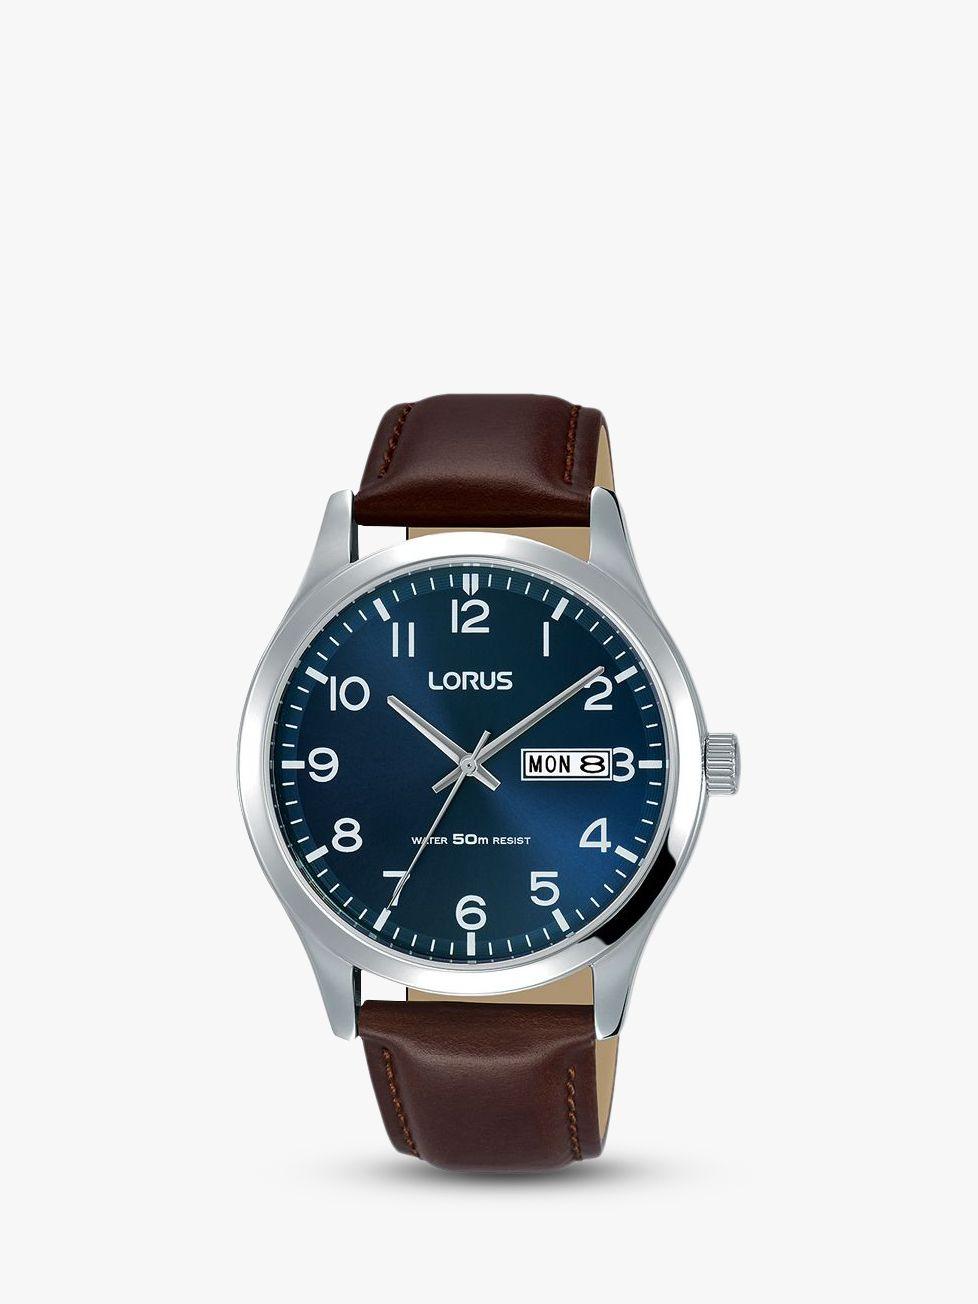 Lorus Lorus RXN49DX9 Men's Leather Strap Dress Watch, Brown/Blue